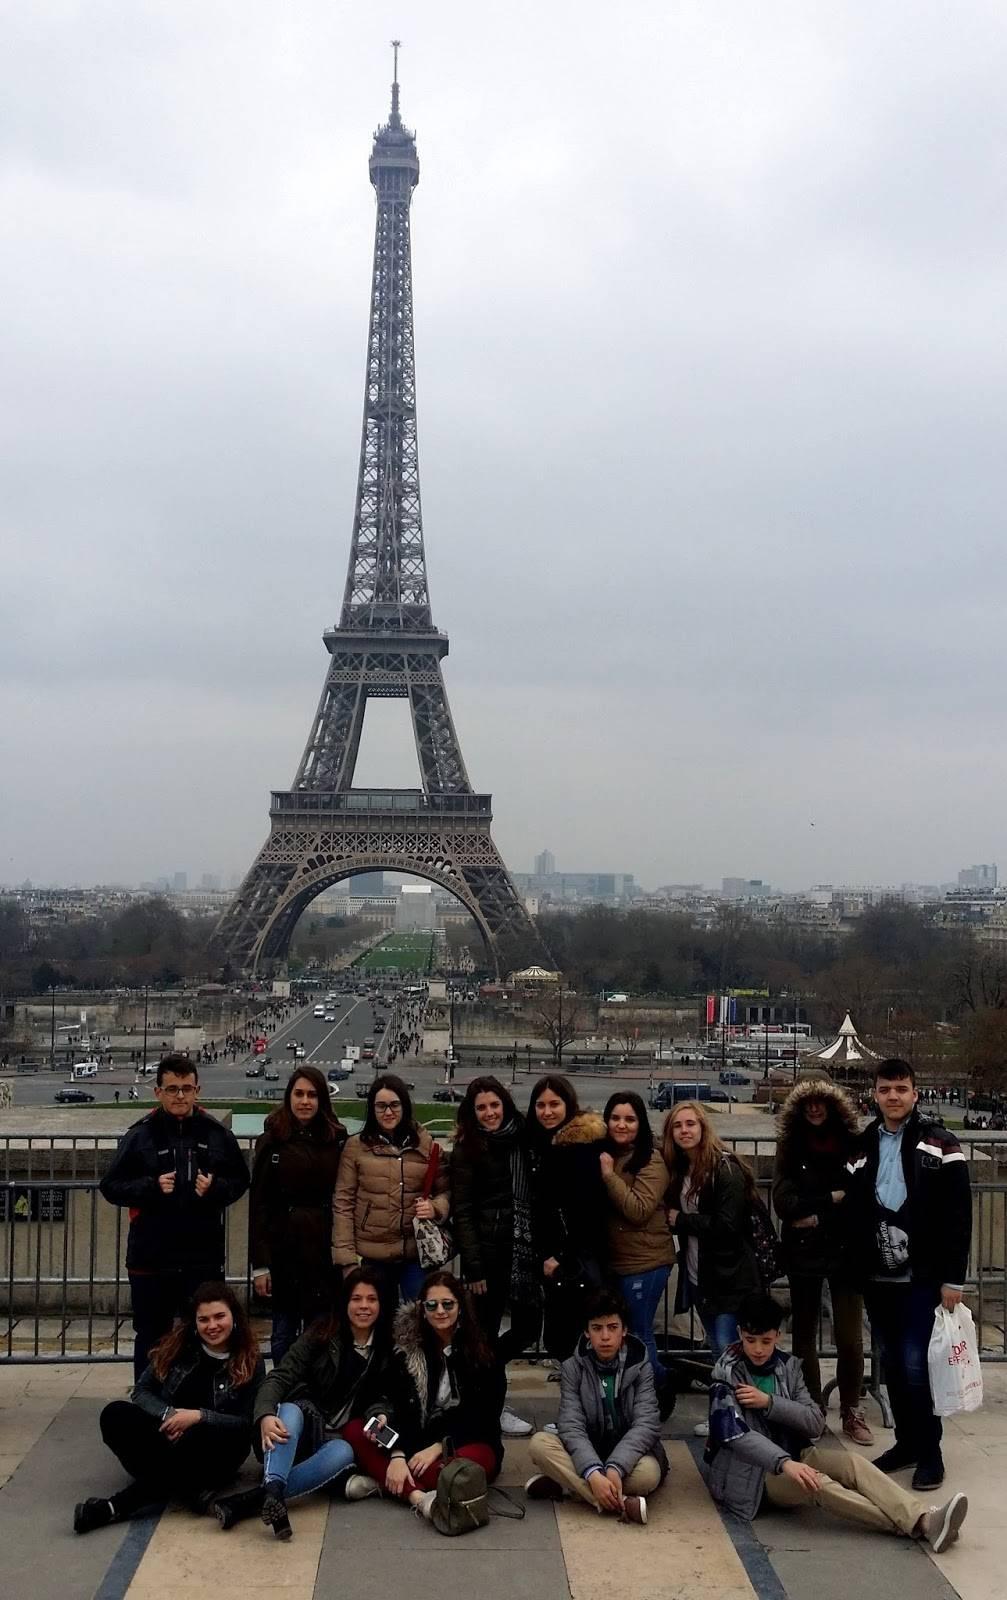 Viaje a Francia Hermógenes 2017 3 - El I.E.S. Hermógenes Rodríguez viaja a Francia